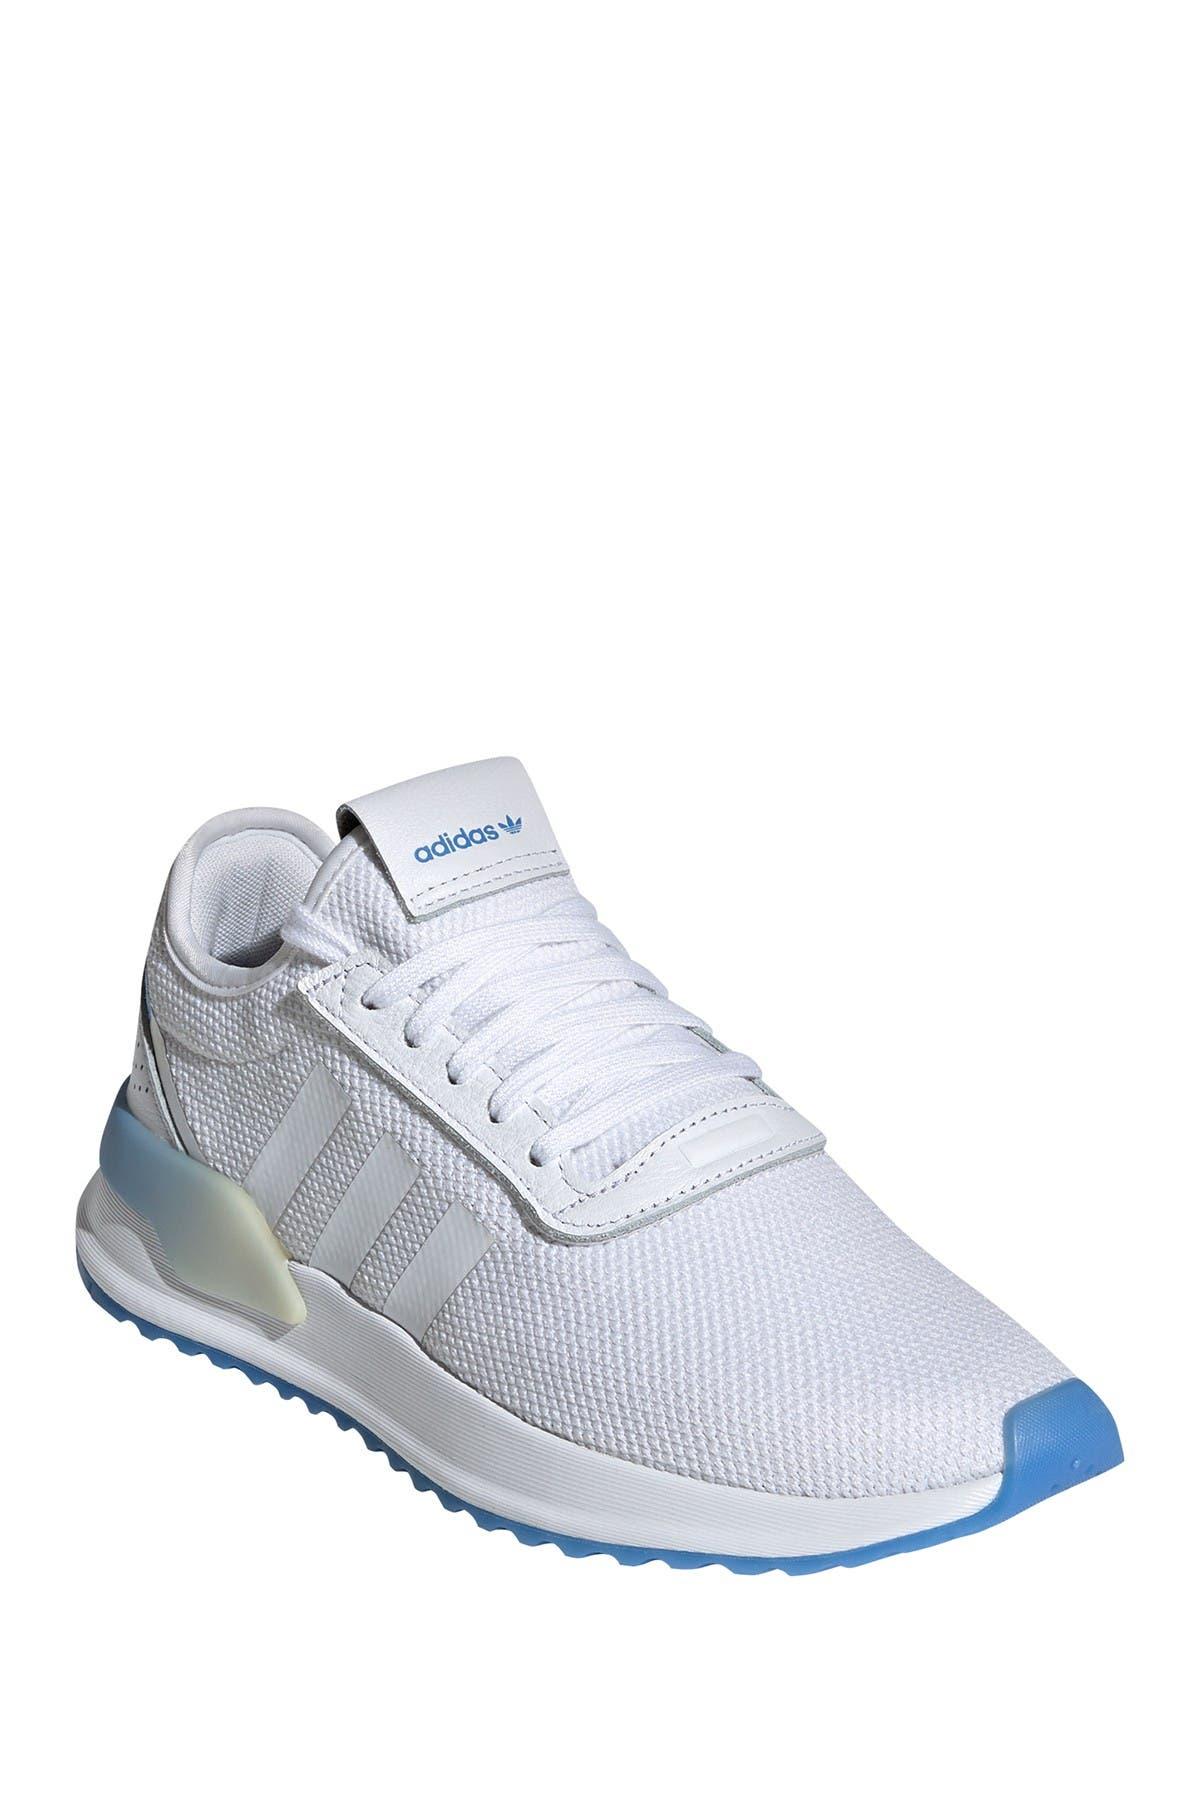 adidas | U_PATH X Sneaker | Nordstrom Rack